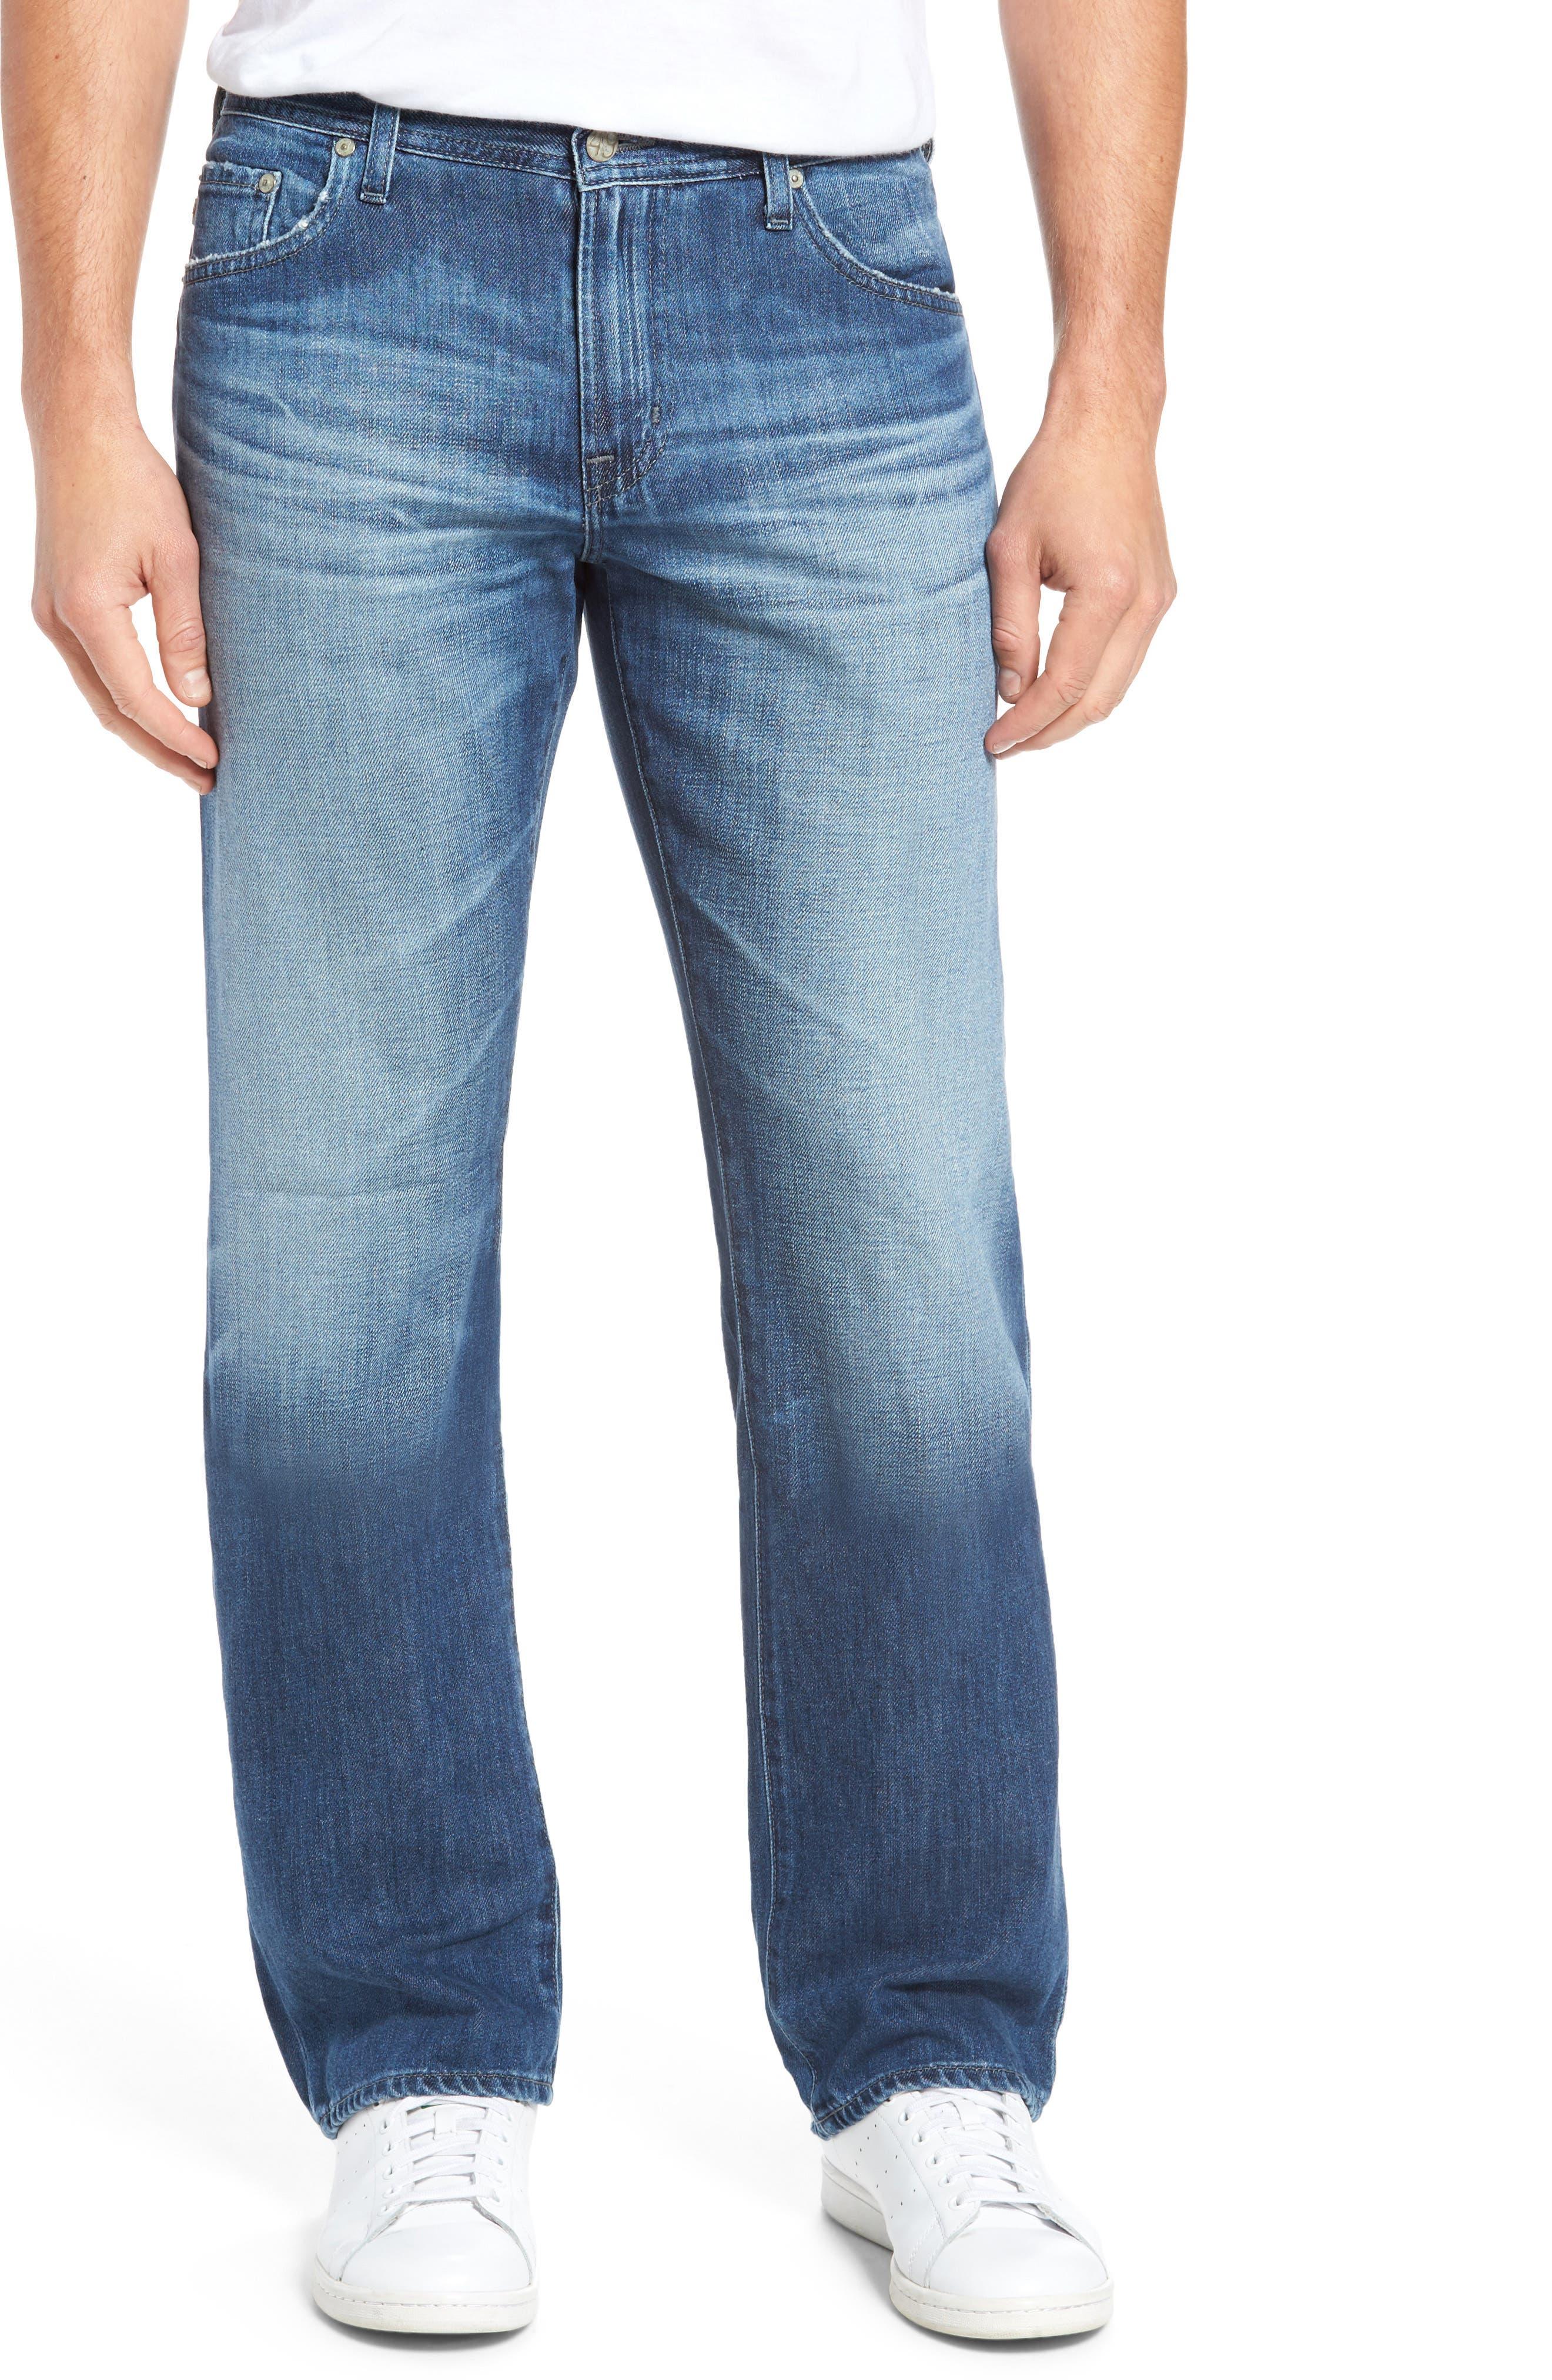 Protégé Relaxed Fit Jeans,                         Main,                         color, 472